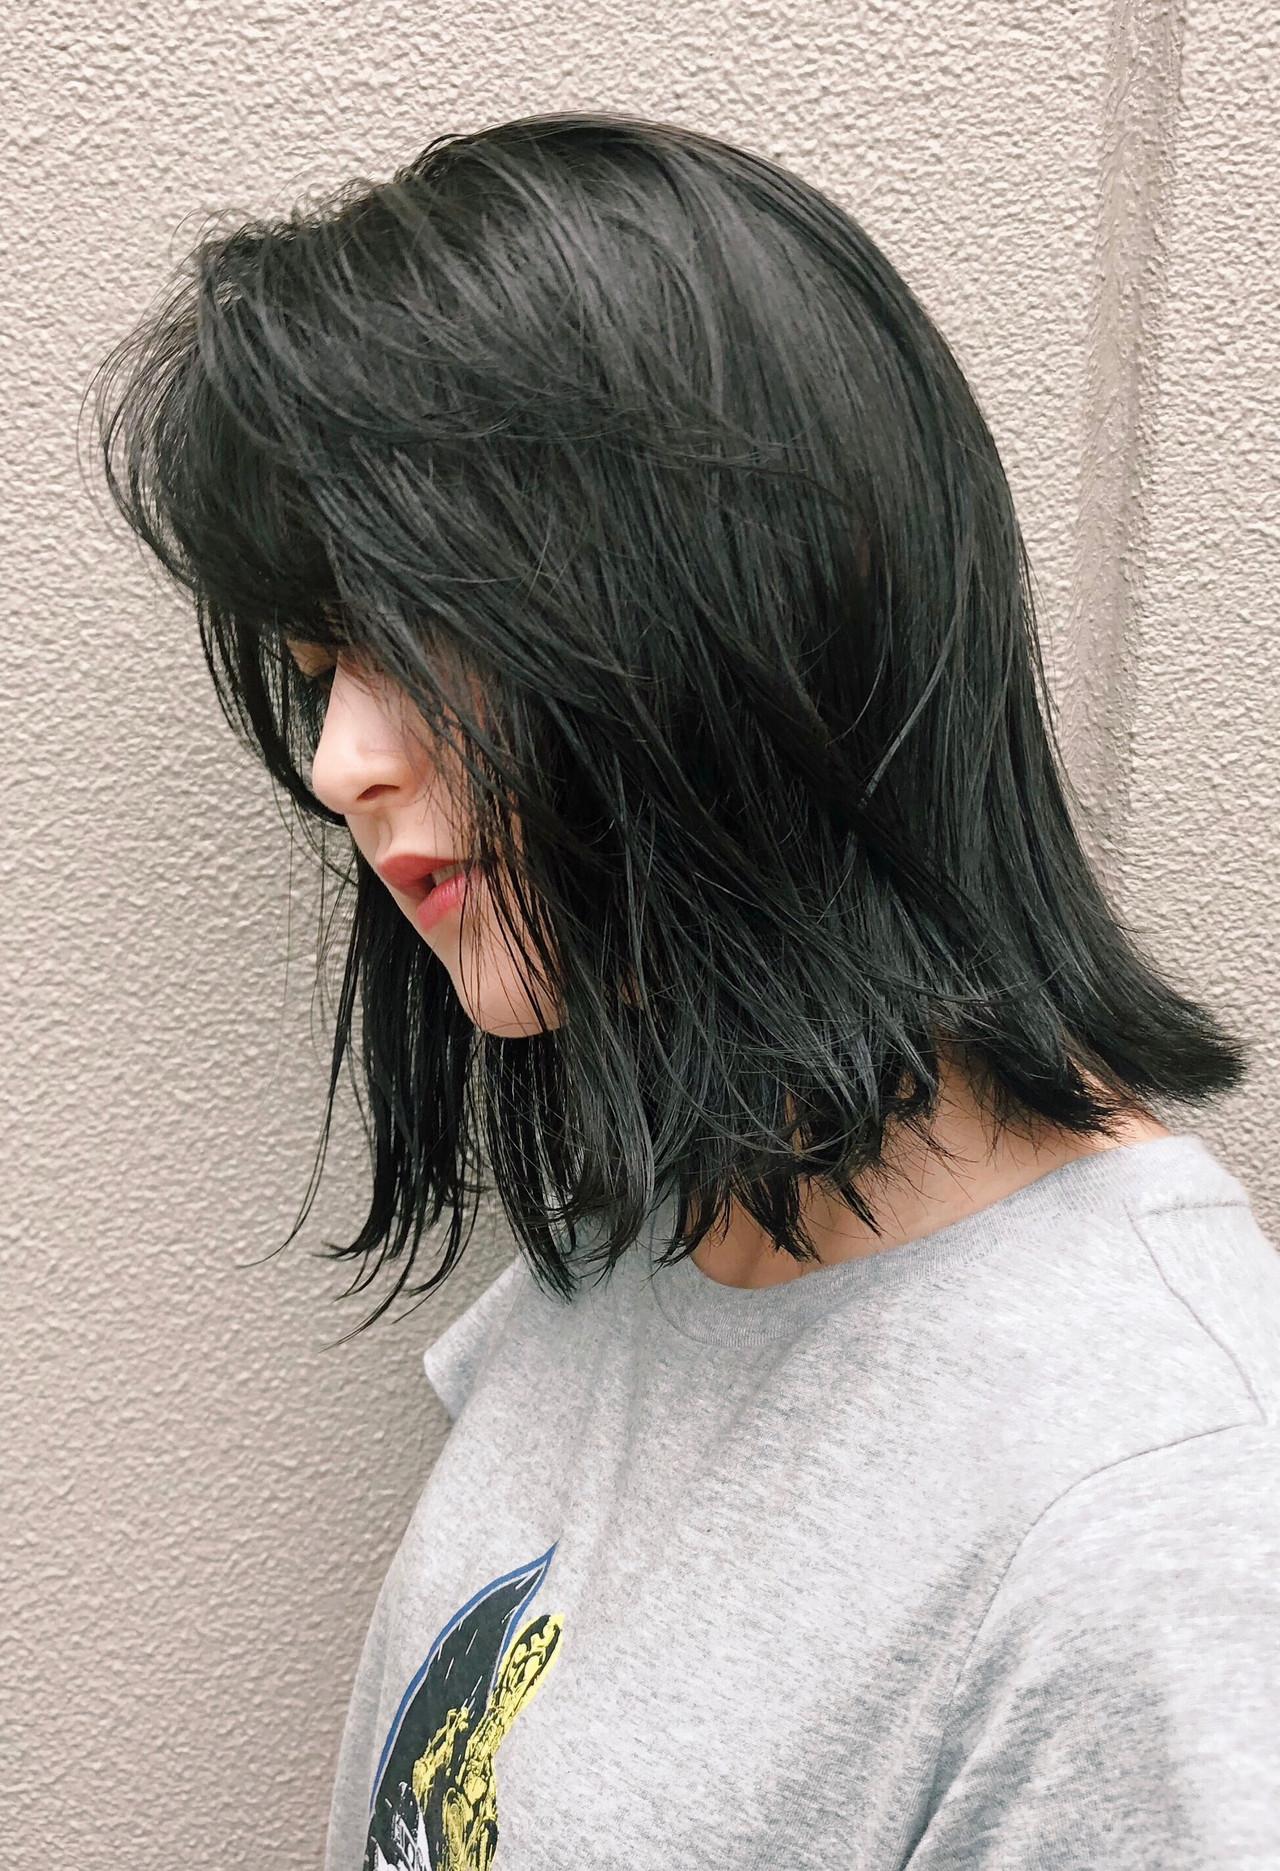 ブルーアッシュ うる艶カラー ミディアム 外ハネボブ ヘアスタイルや髪型の写真・画像